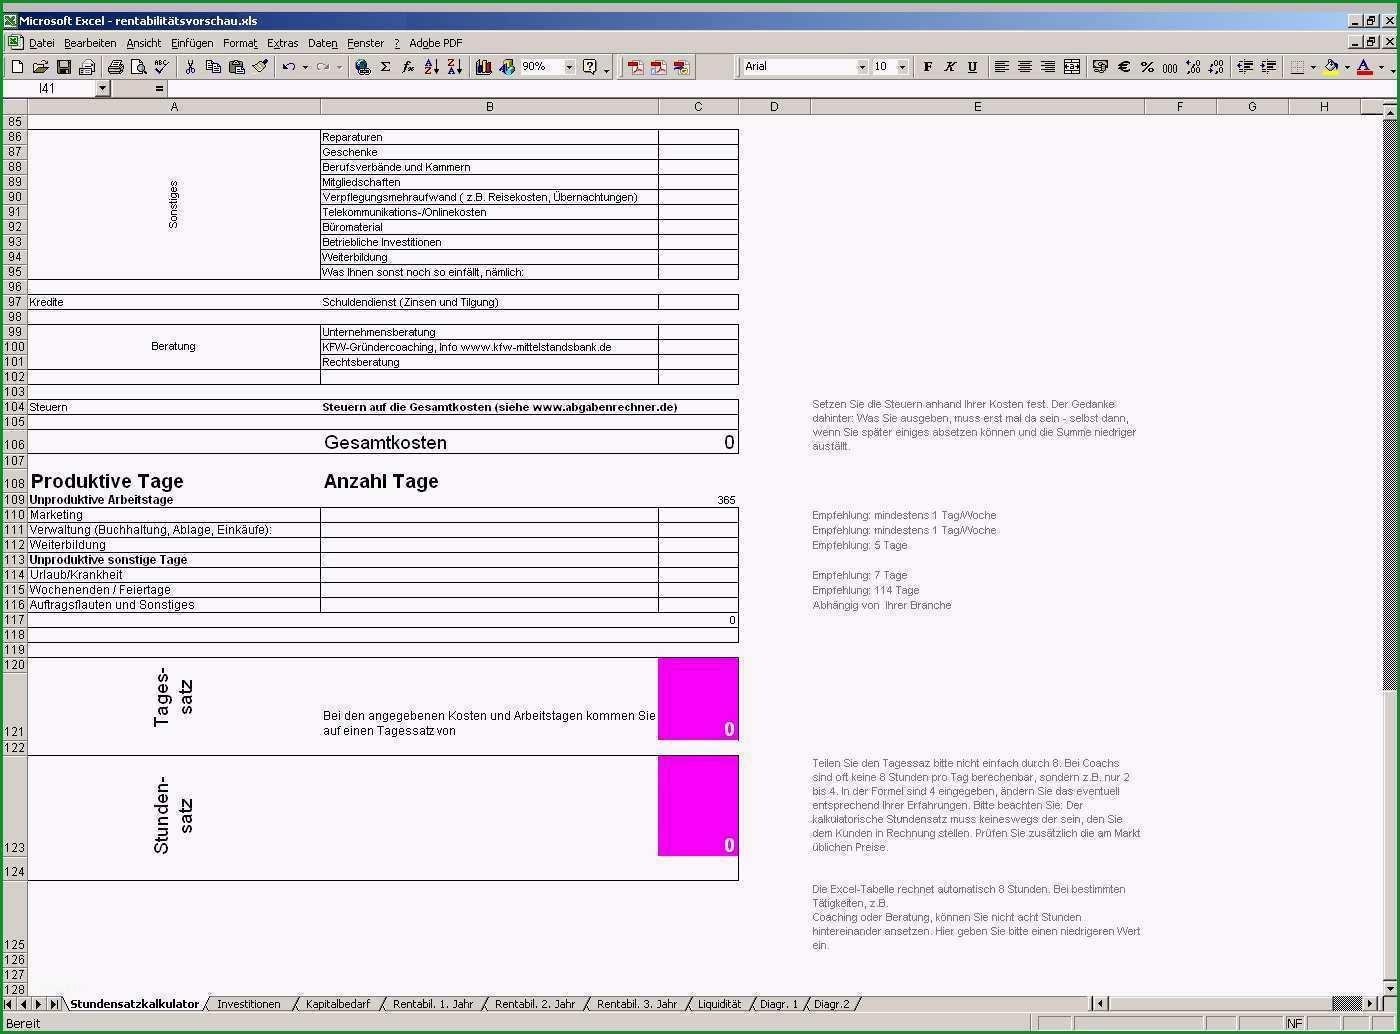 investitionsplan vorlage excel kostenlos grosartig word vorlage privatrezept 28 images rechnungsvorlage